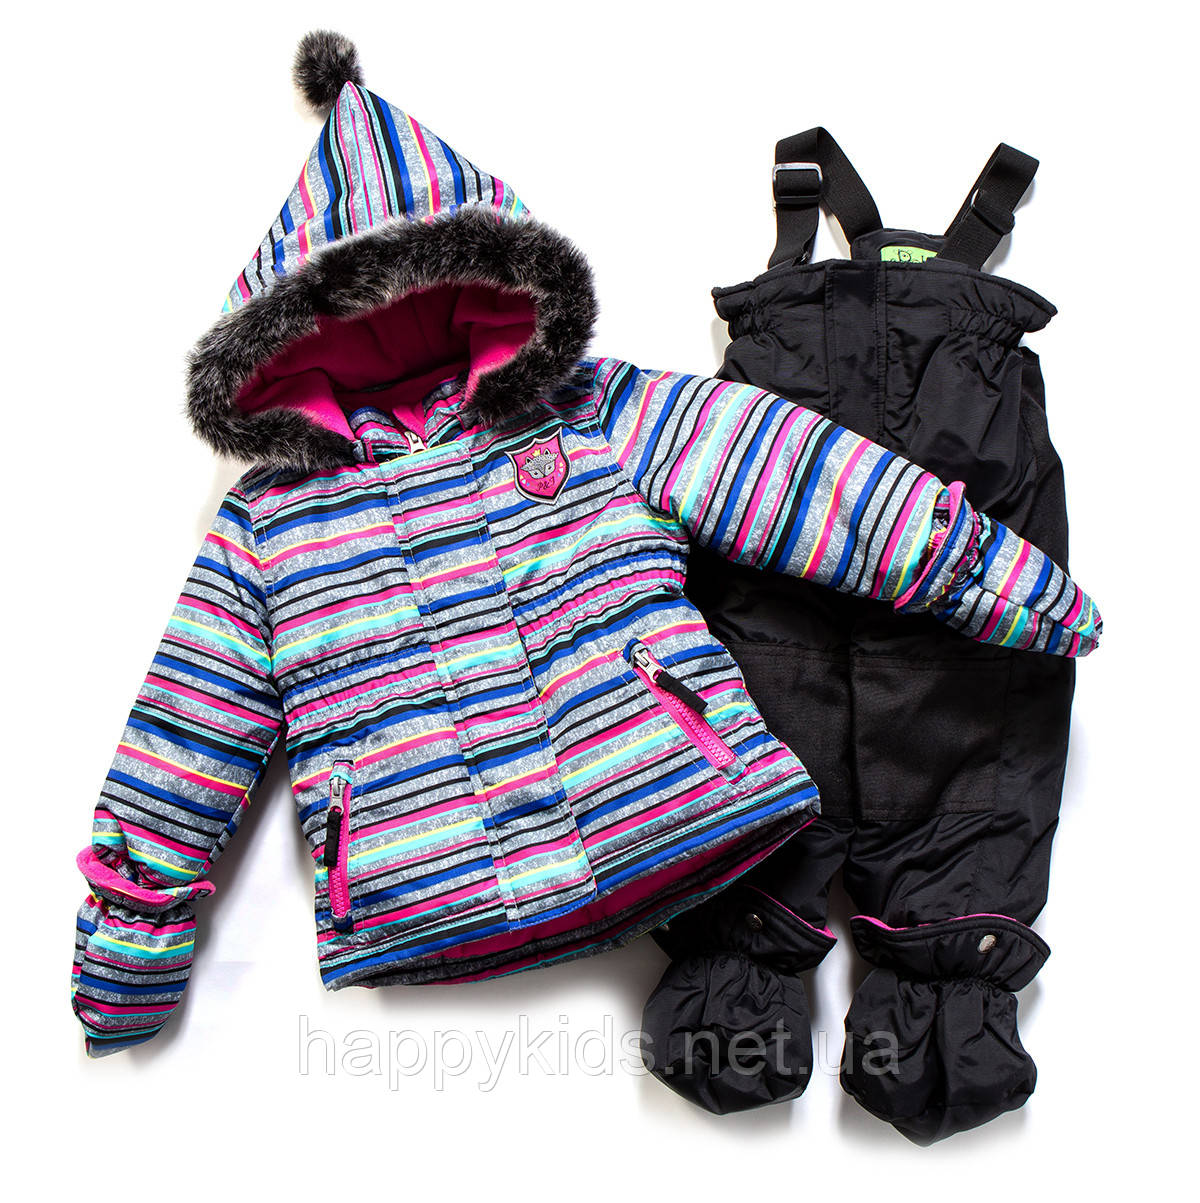 Зимний костюм для девочки PELUCHE F17 M 14 BF Lipstick / Black. Размеры 75 - 97.